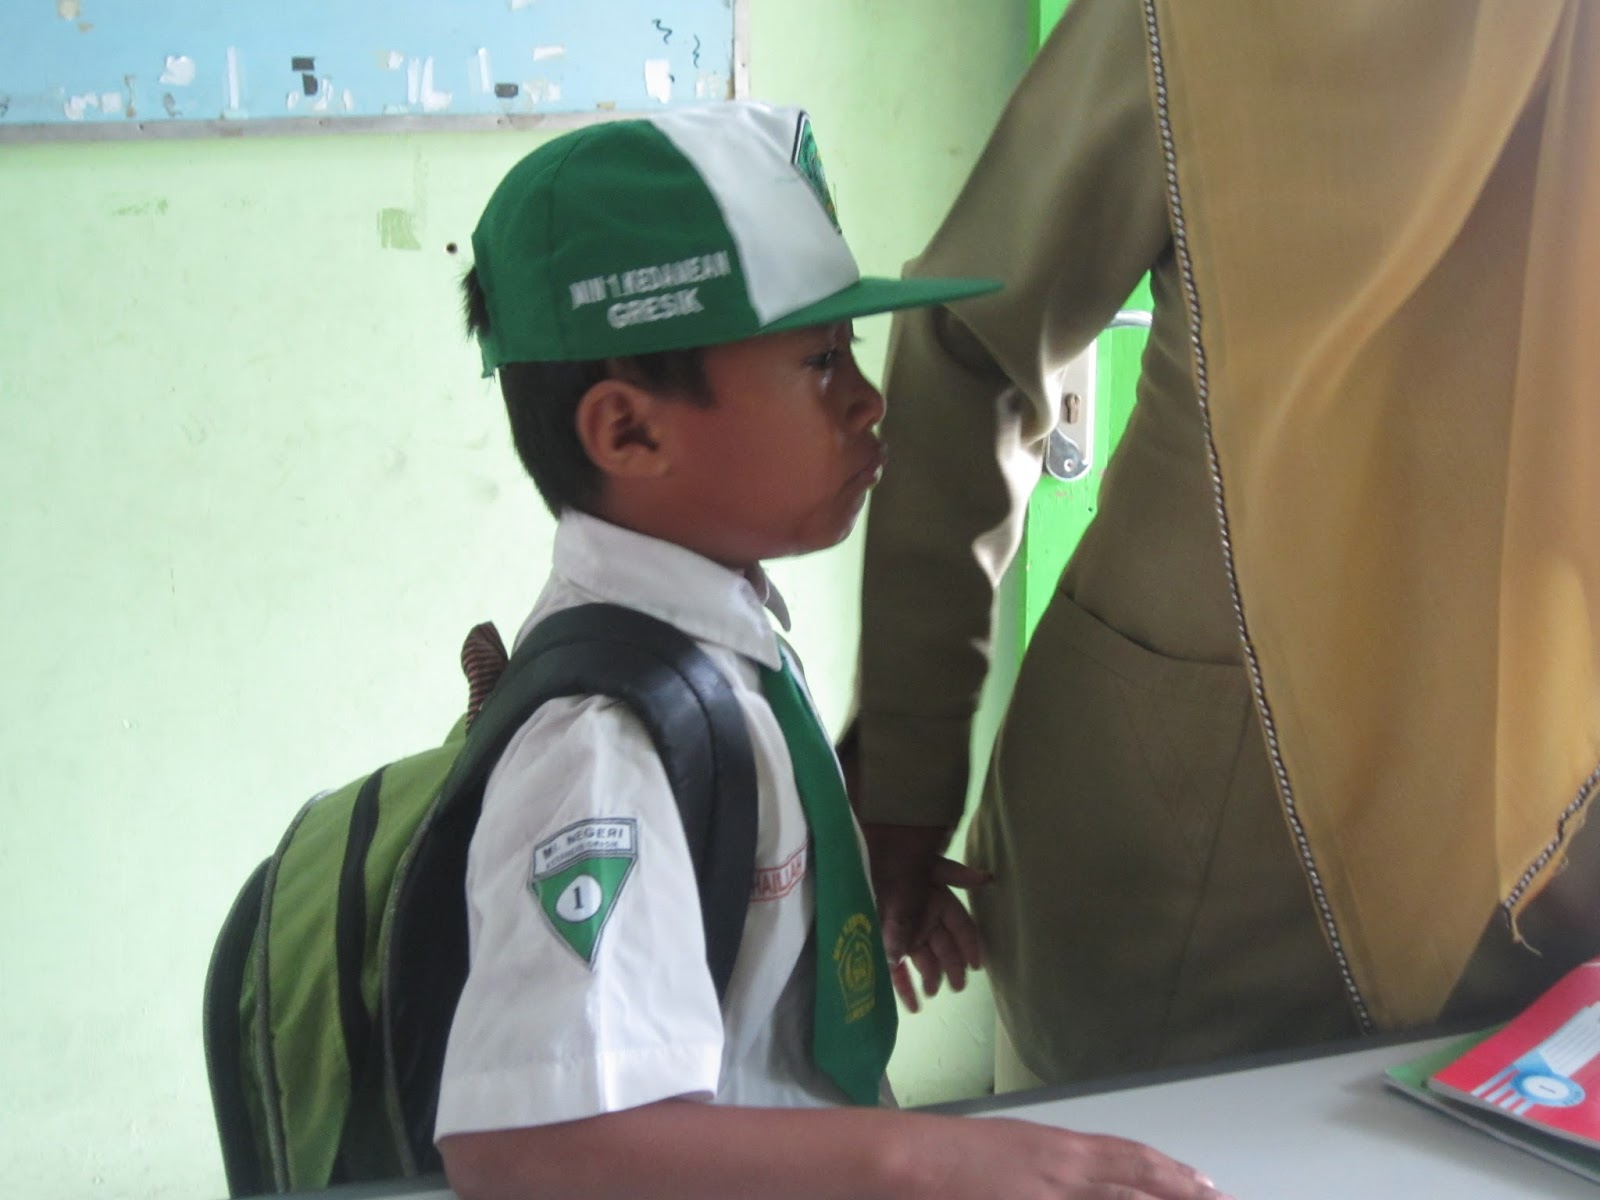 siswa kelas satu menangis di sekolah/madrasah